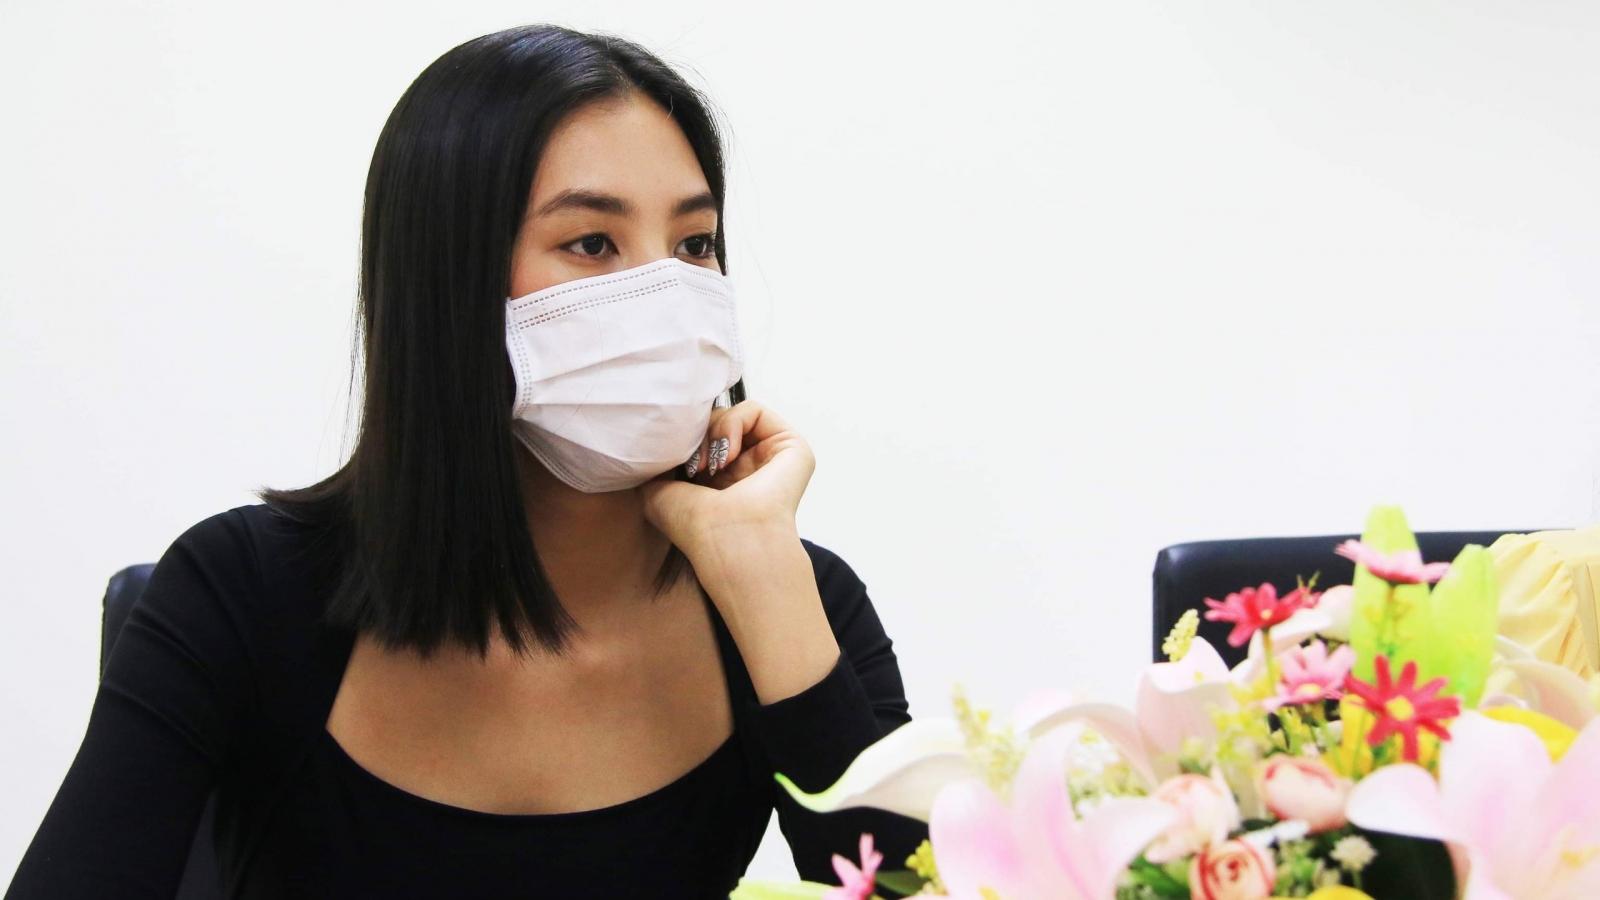 """Dàn Hoa hậu tặng 100 triệu cho dự án """"Triệu liều vaccine cho công nhân nghèo"""""""